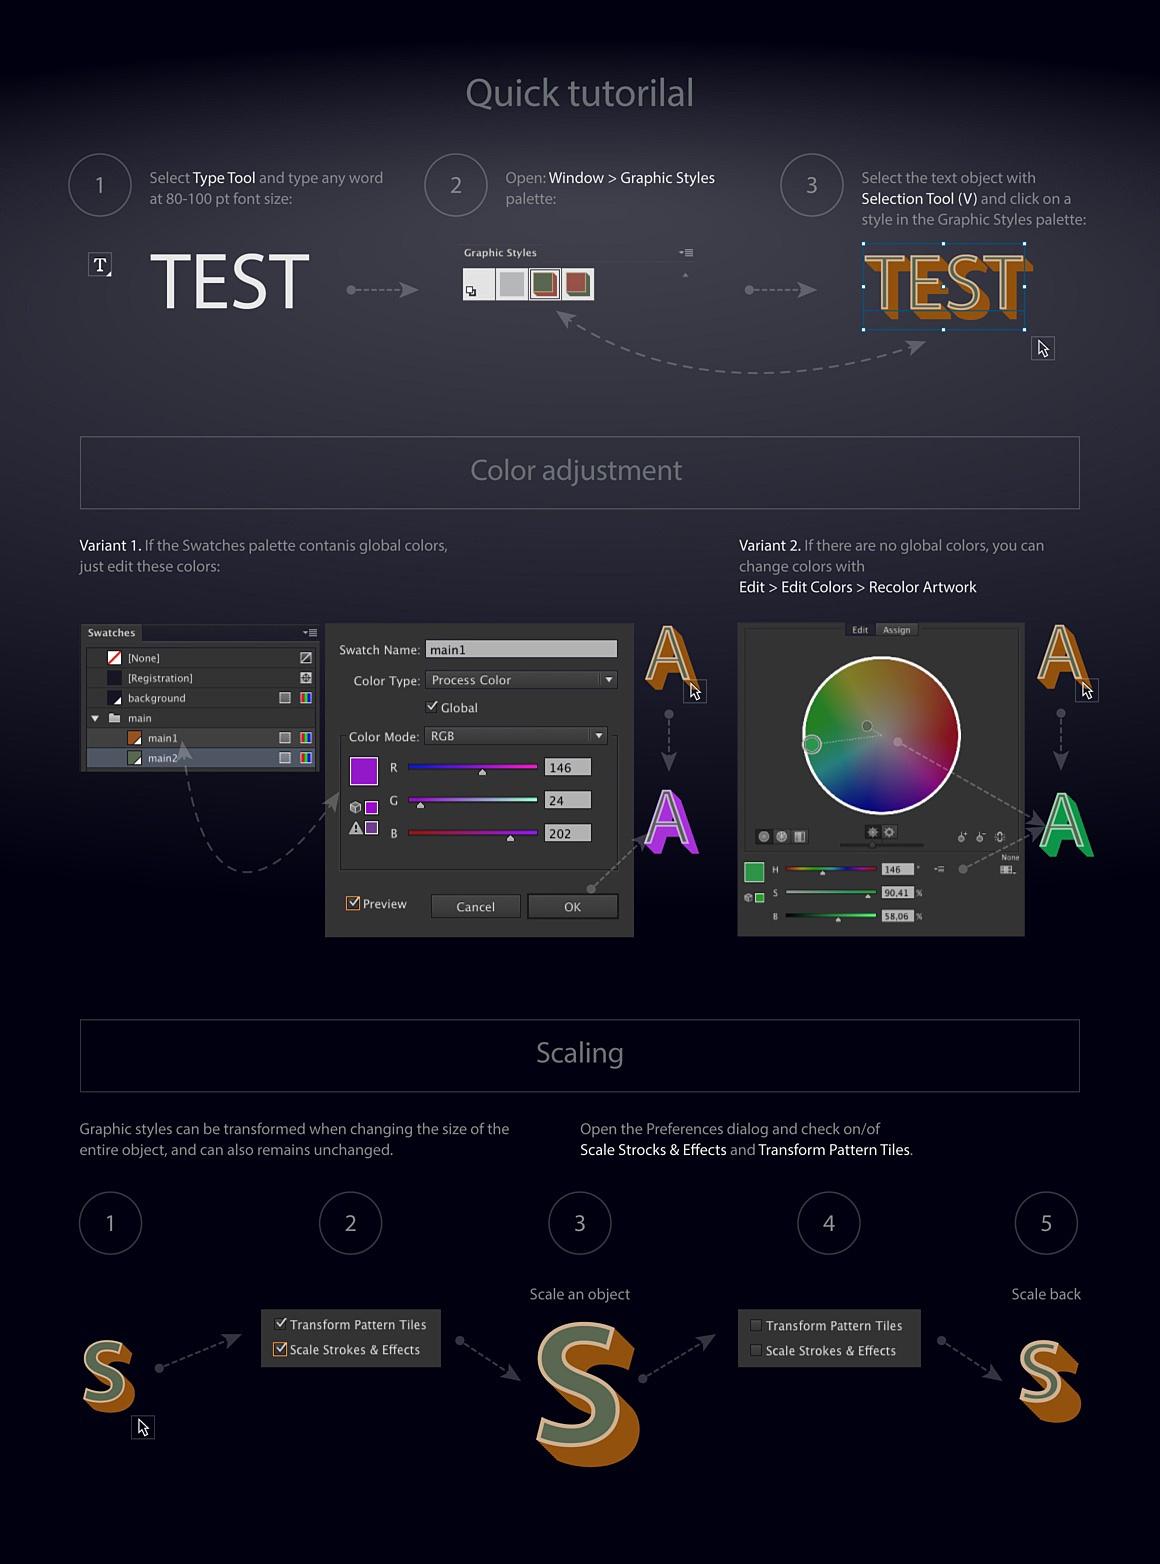 Chromesilver Illustrator styles chromesilver_5_tutorial.jpg